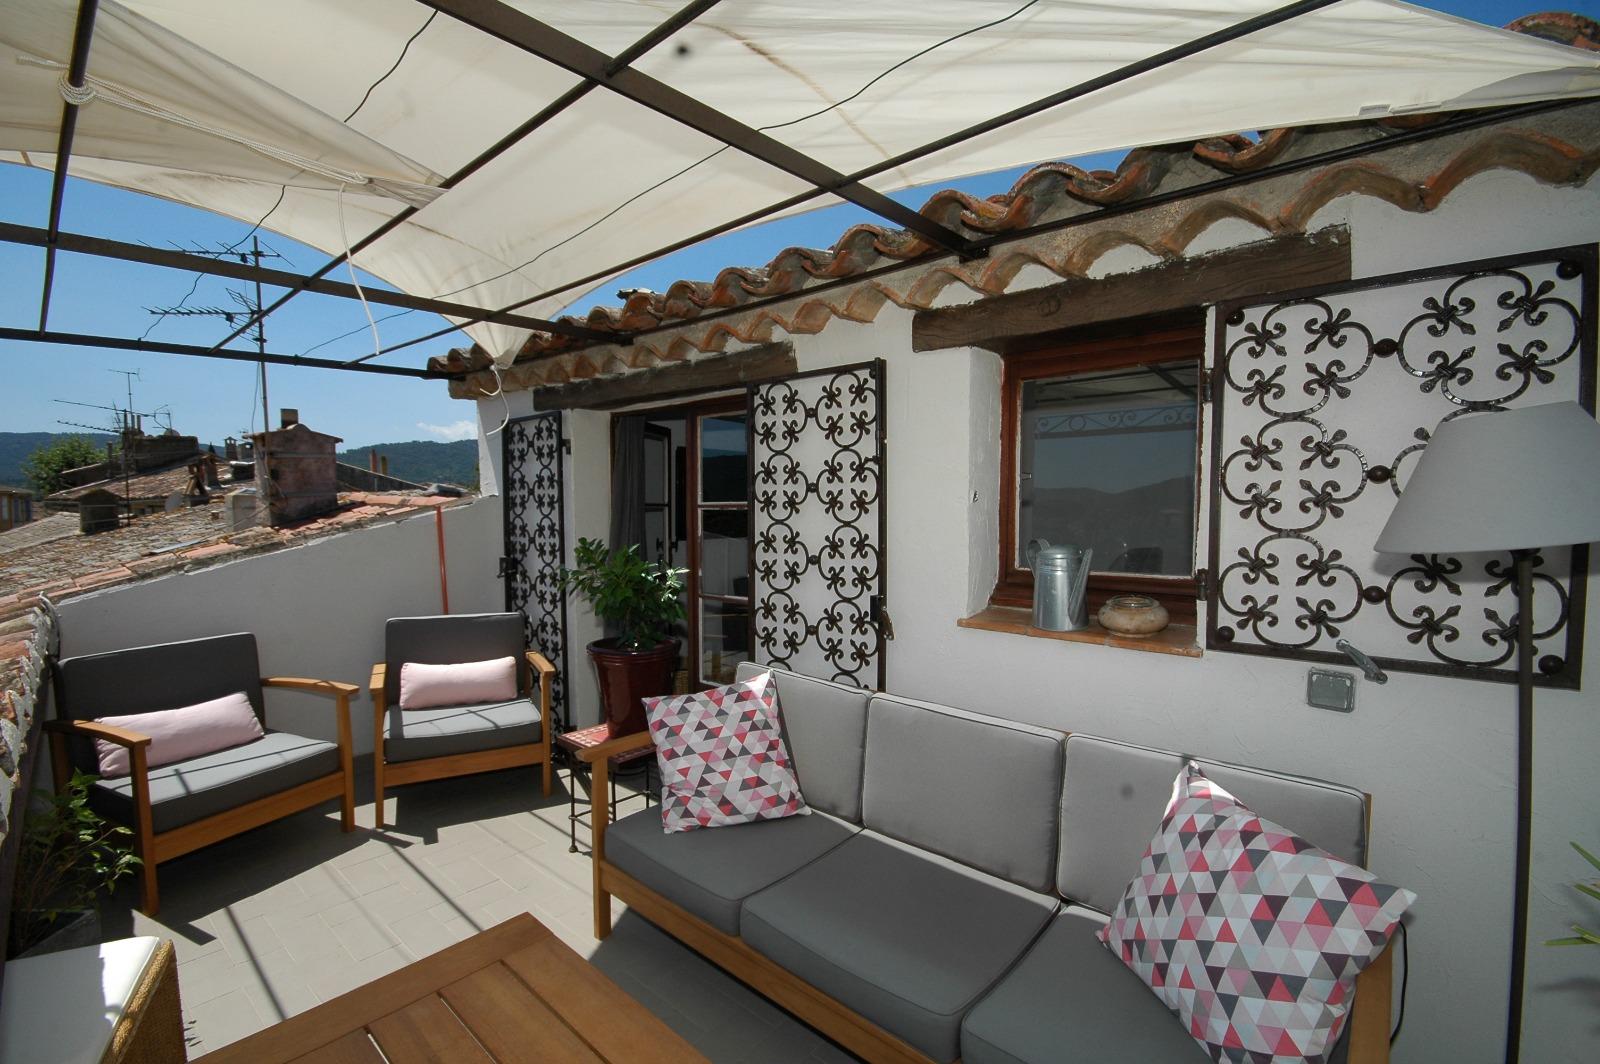 bastides et villas l 39 immobilier sainte maxime vente maisons terrains et villas ste maxime. Black Bedroom Furniture Sets. Home Design Ideas